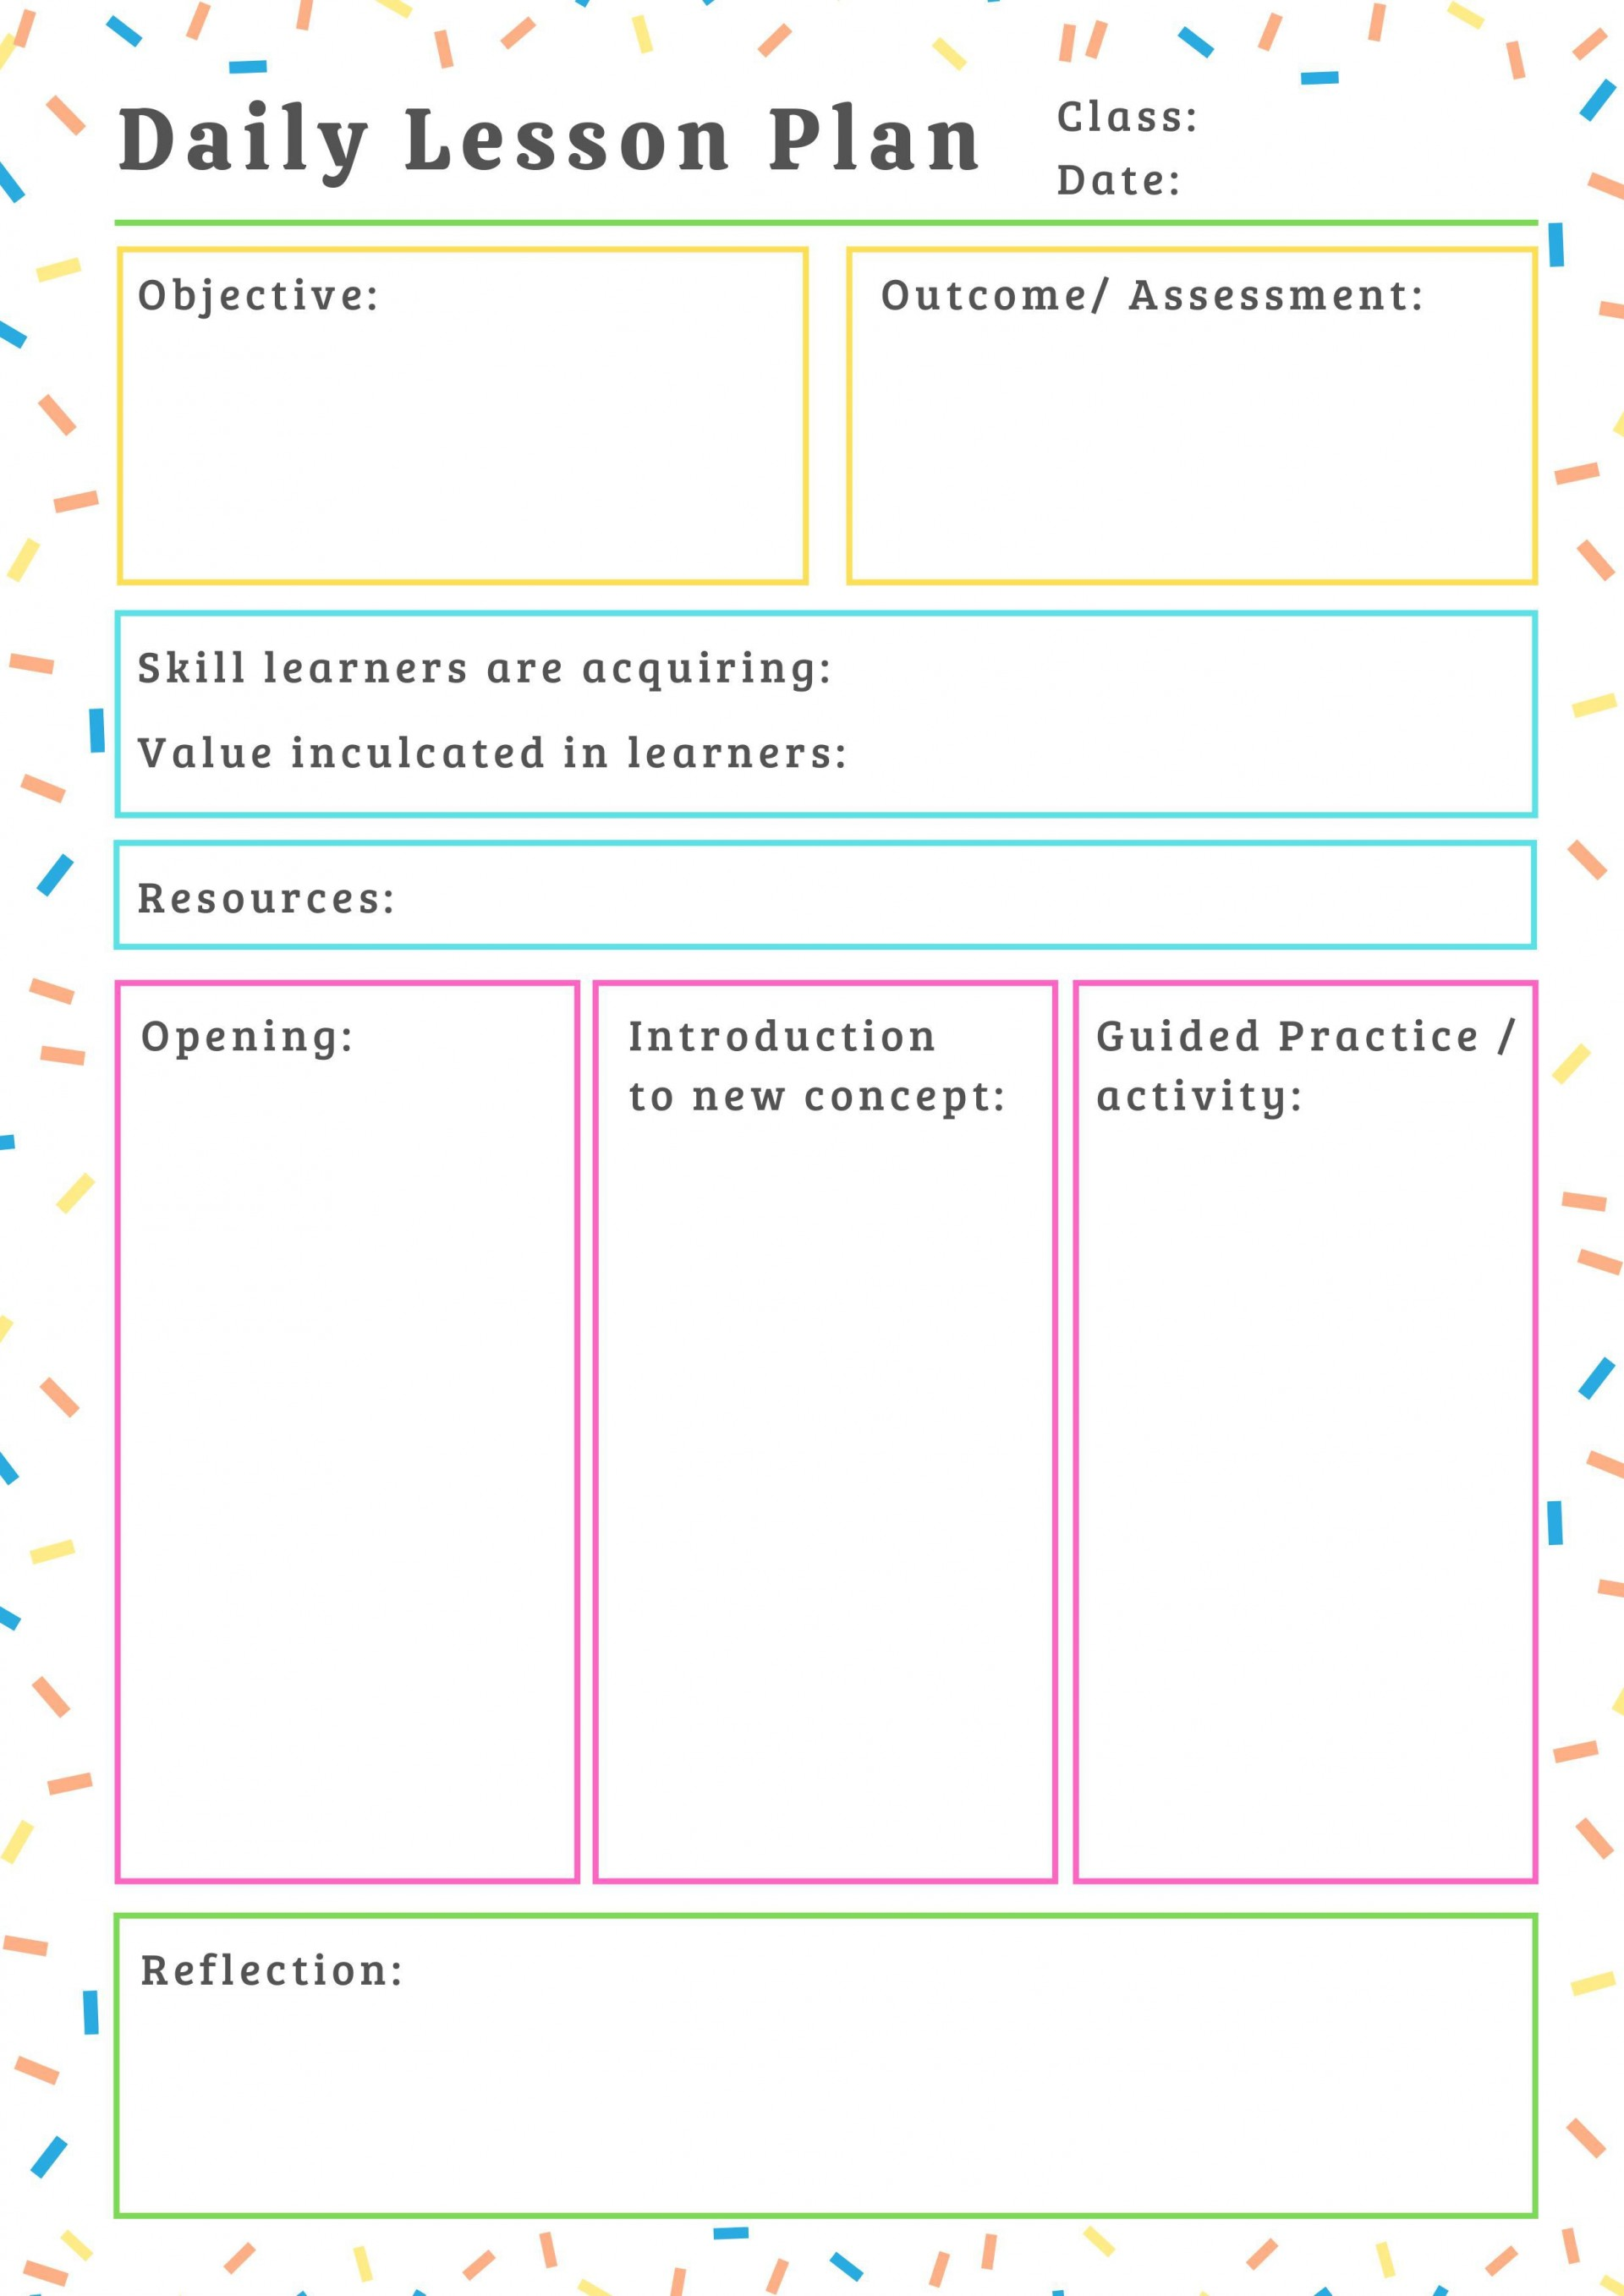 000 Imposing Printable Lesson Plan Template For Teacher Sample  Teachers1920